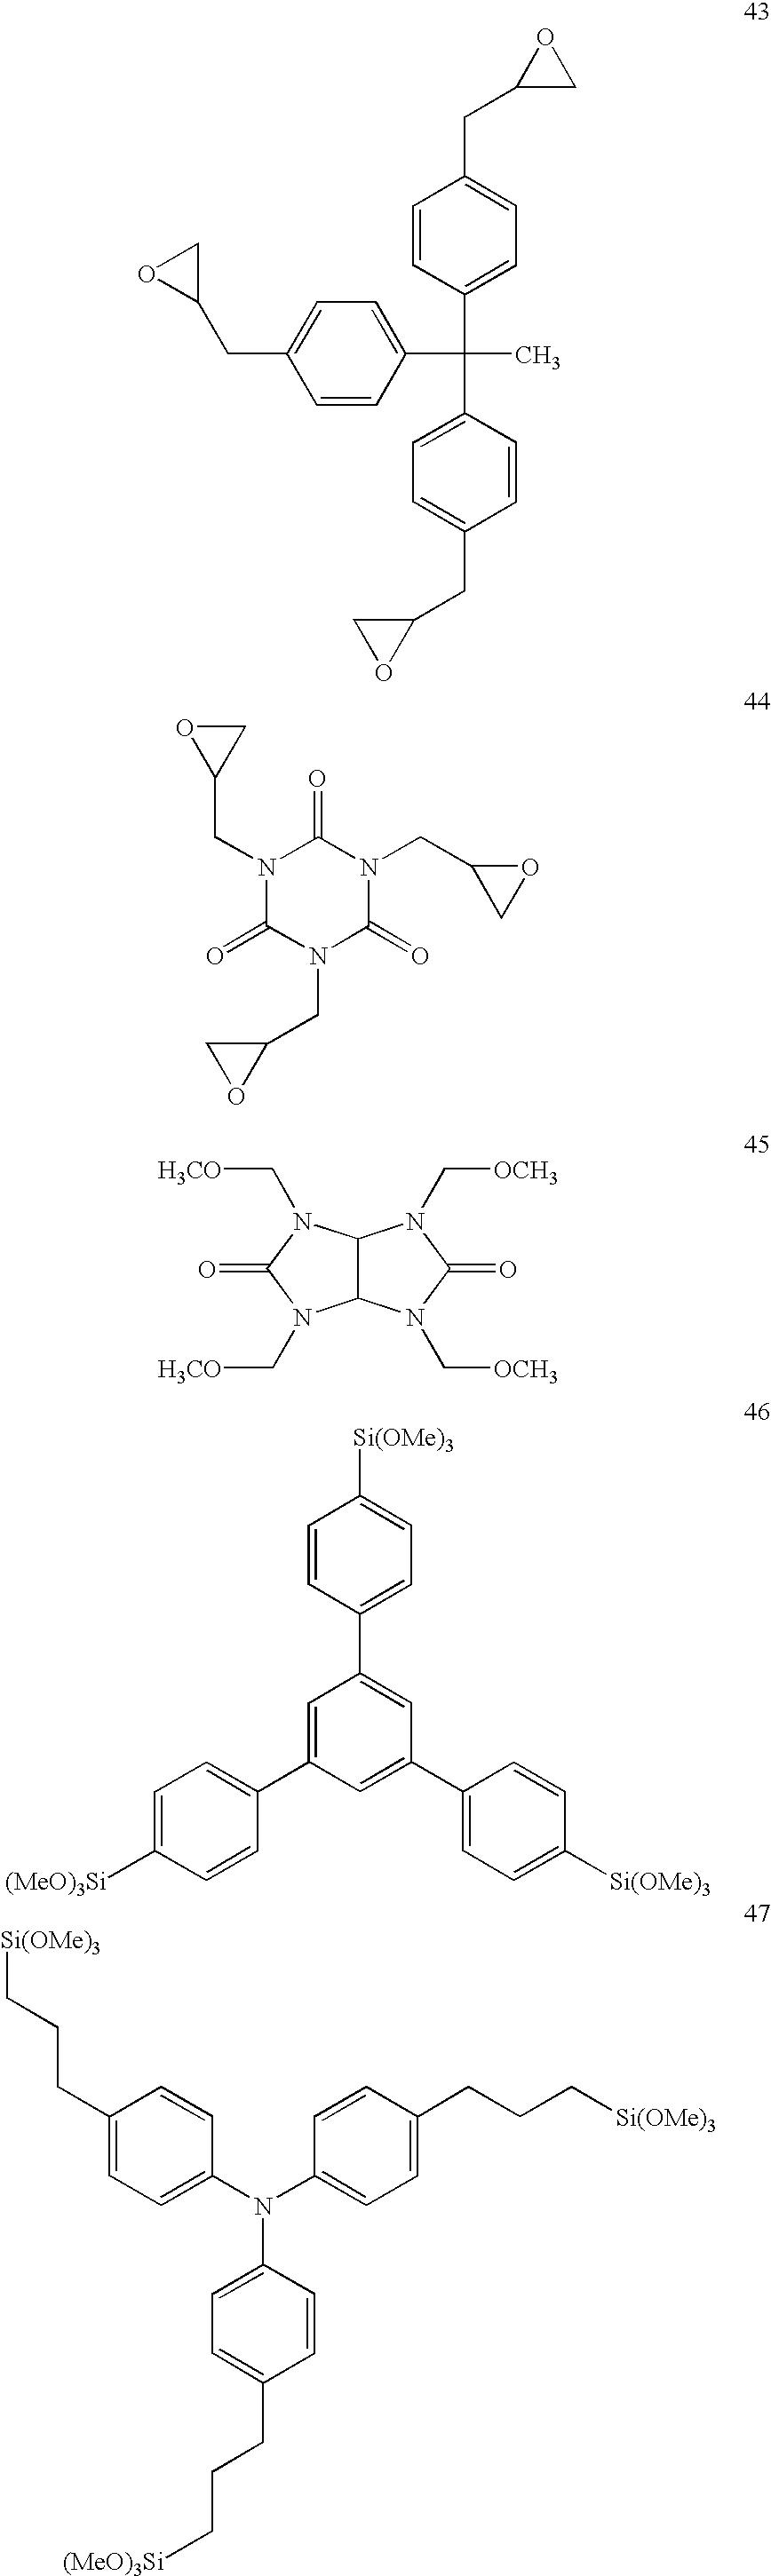 Figure US20030064248A1-20030403-C00012